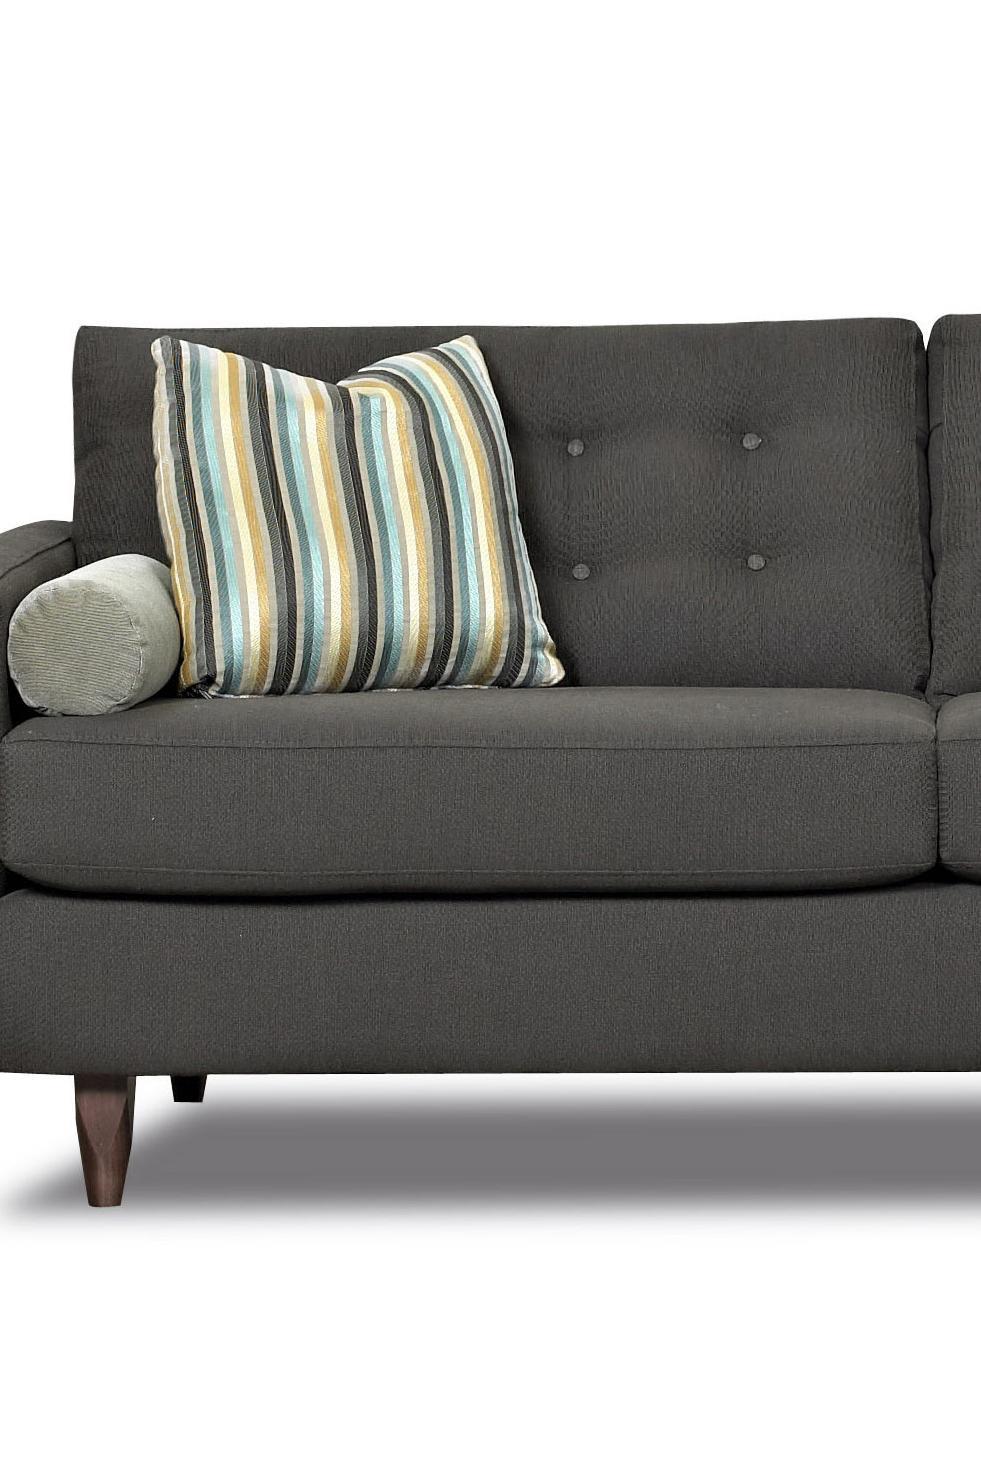 Craven k30500 by klaussner j j furniture klaussner for J furniture dealers